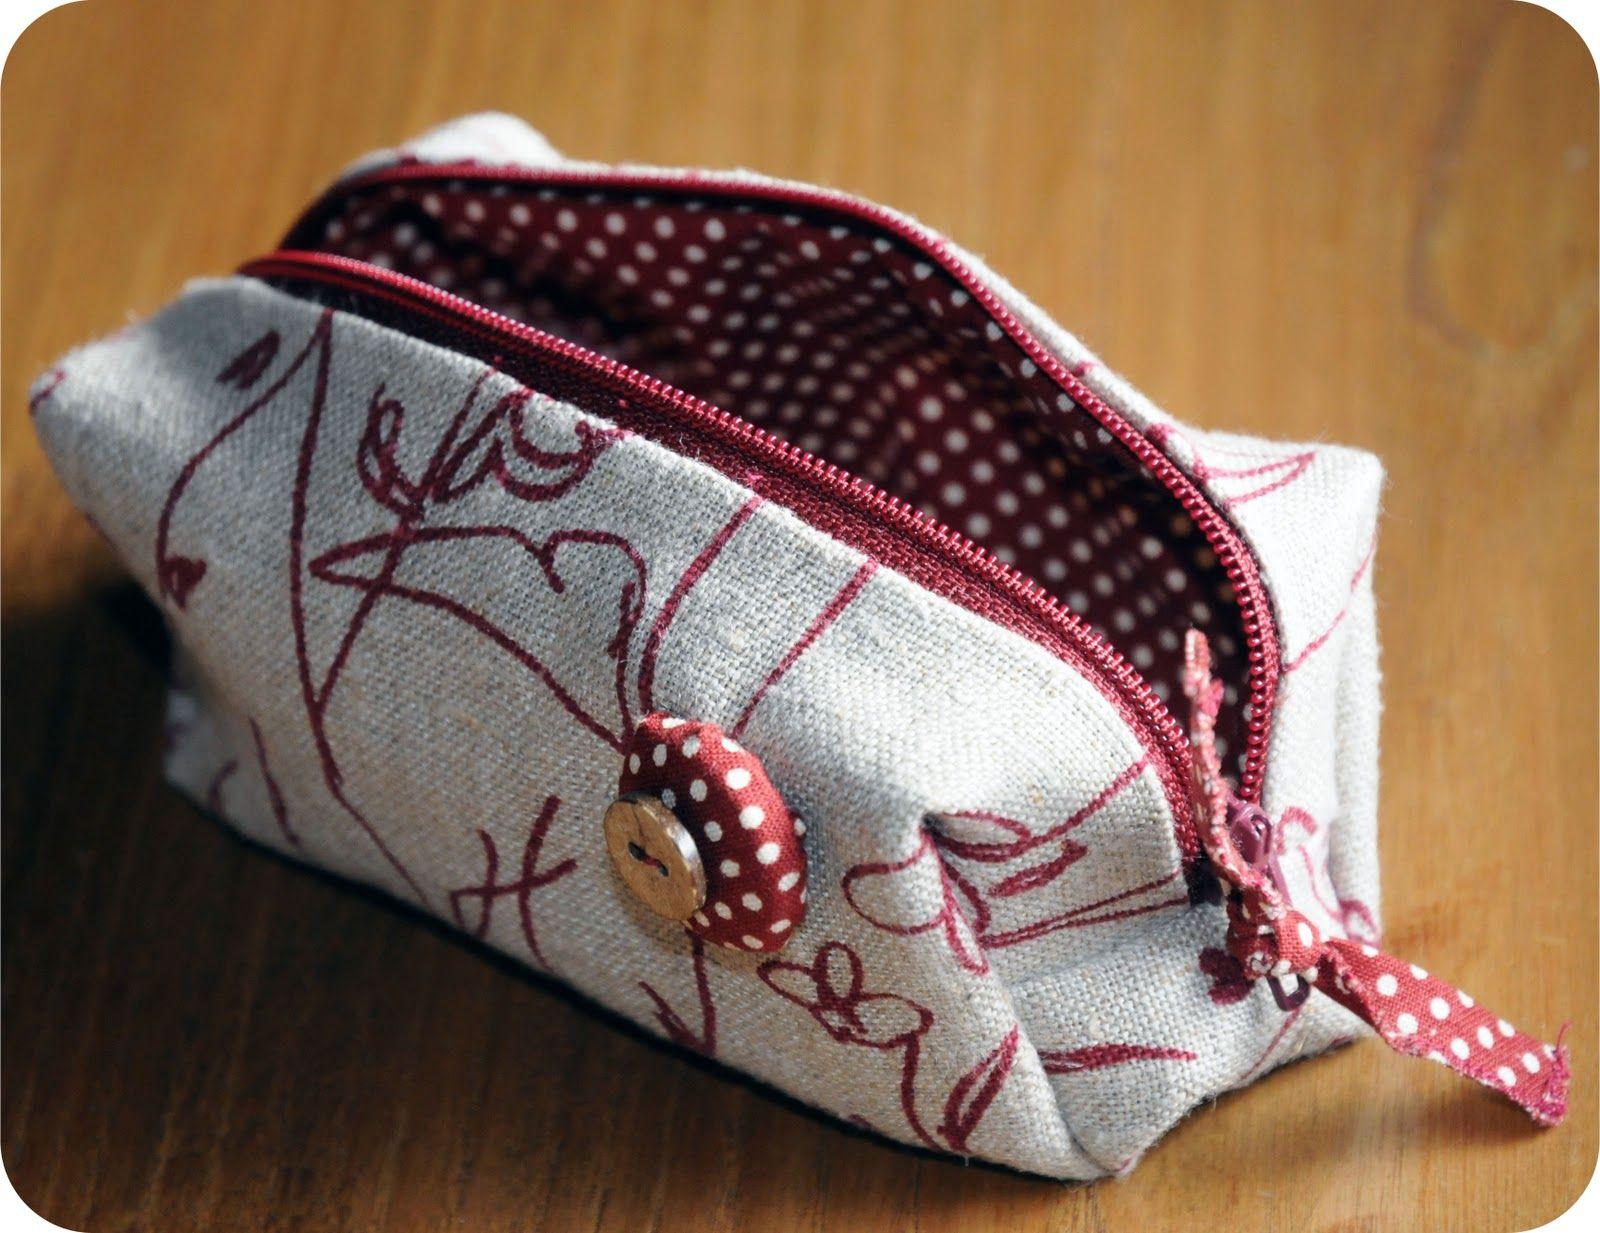 Le coccole creative cucito creativo astucci trousse for Cucina giocattolo fai da te